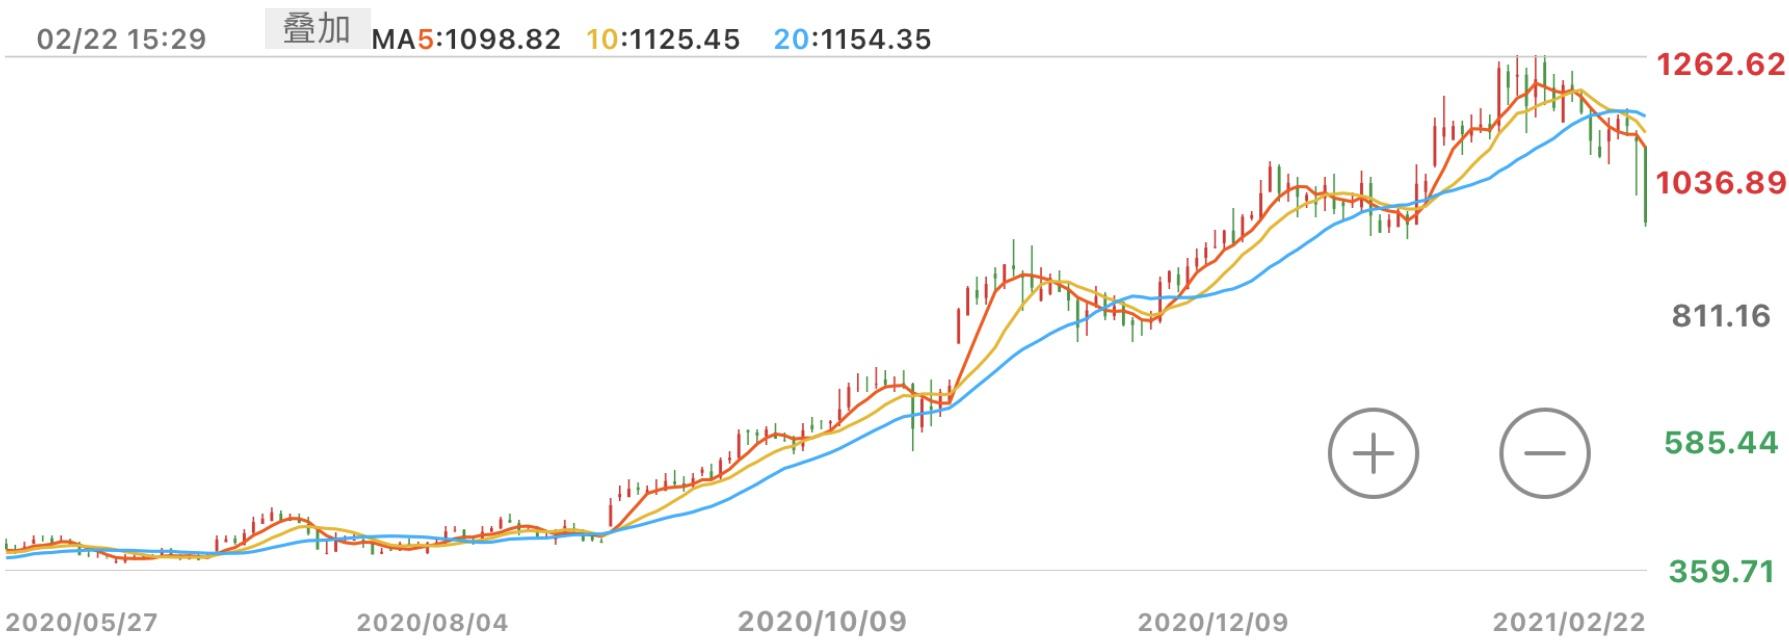 《石头科技股价重挫跌破千元 10名股东拟合计减持不超11.1%股份》